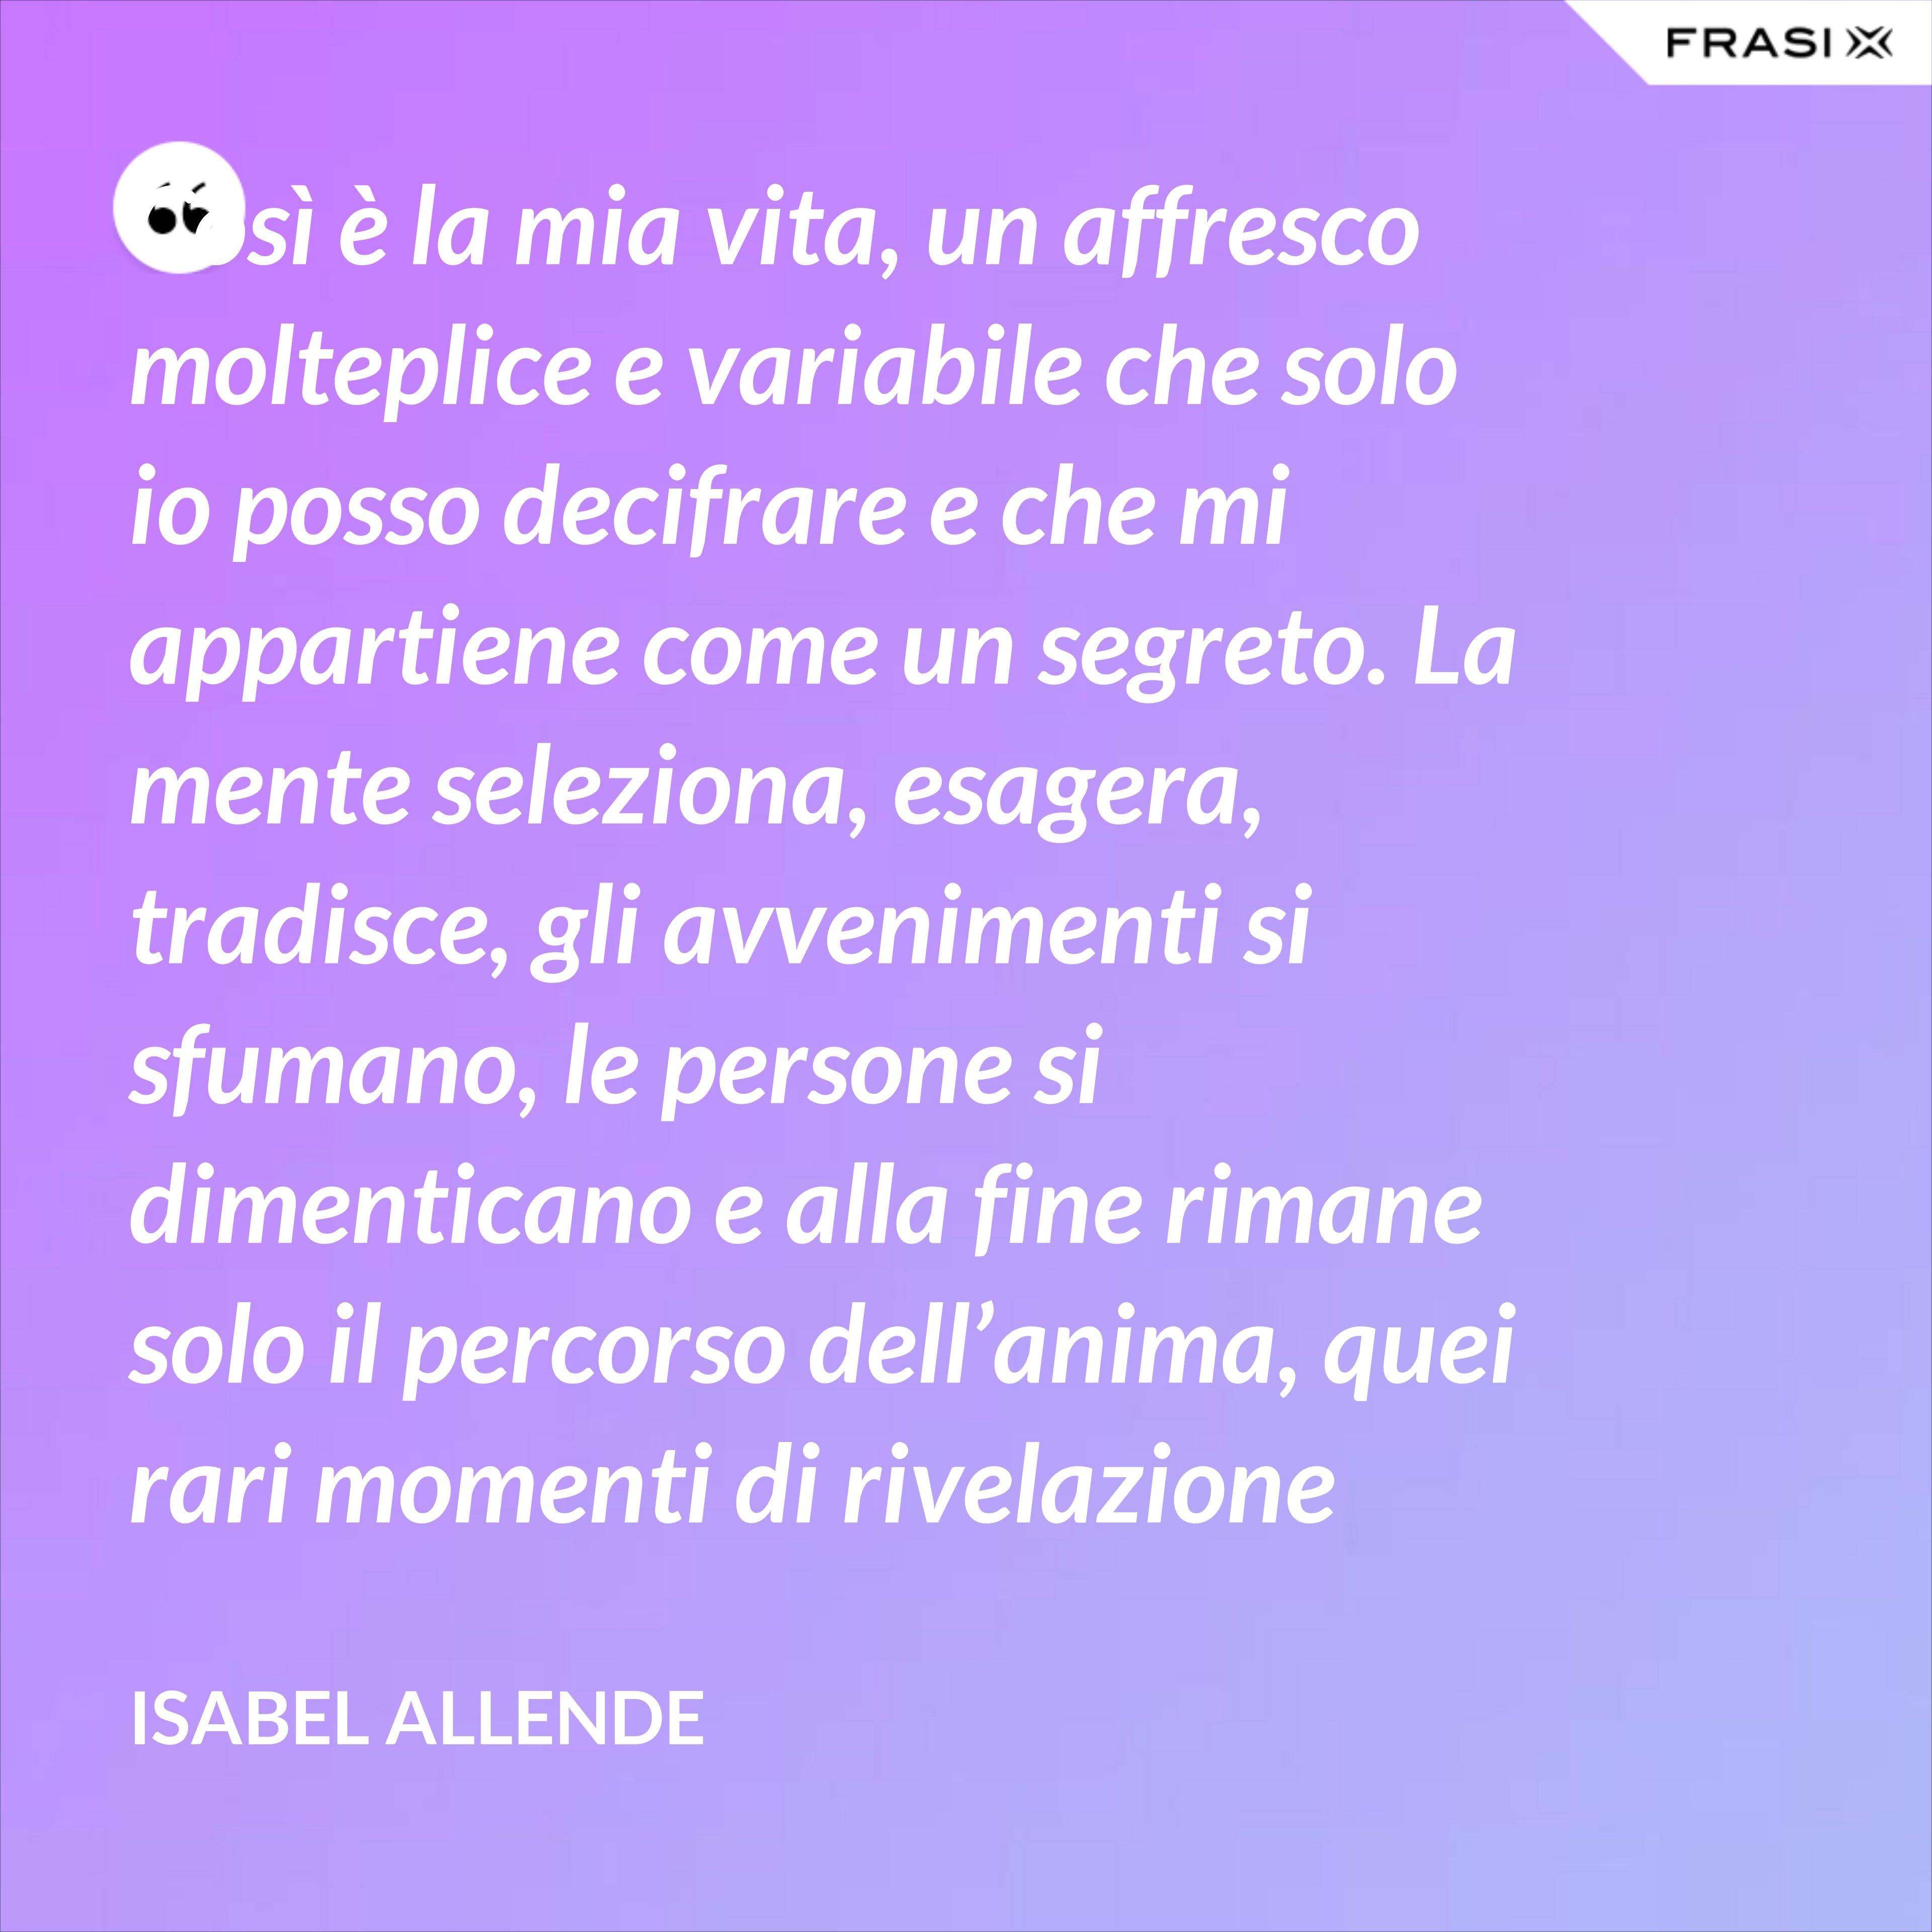 Così è la mia vita, un affresco molteplice e variabile che solo io posso decifrare e che mi appartiene come un segreto. La mente seleziona, esagera, tradisce, gli avvenimenti si sfumano, le persone si dimenticano e alla fine rimane solo il percorso dell'anima, quei rari momenti di rivelazione dello spirito. Non interessa ciò che mi è accaduto, ma le cicatrici che mi segnano e mi distinguono. - Isabel Allende